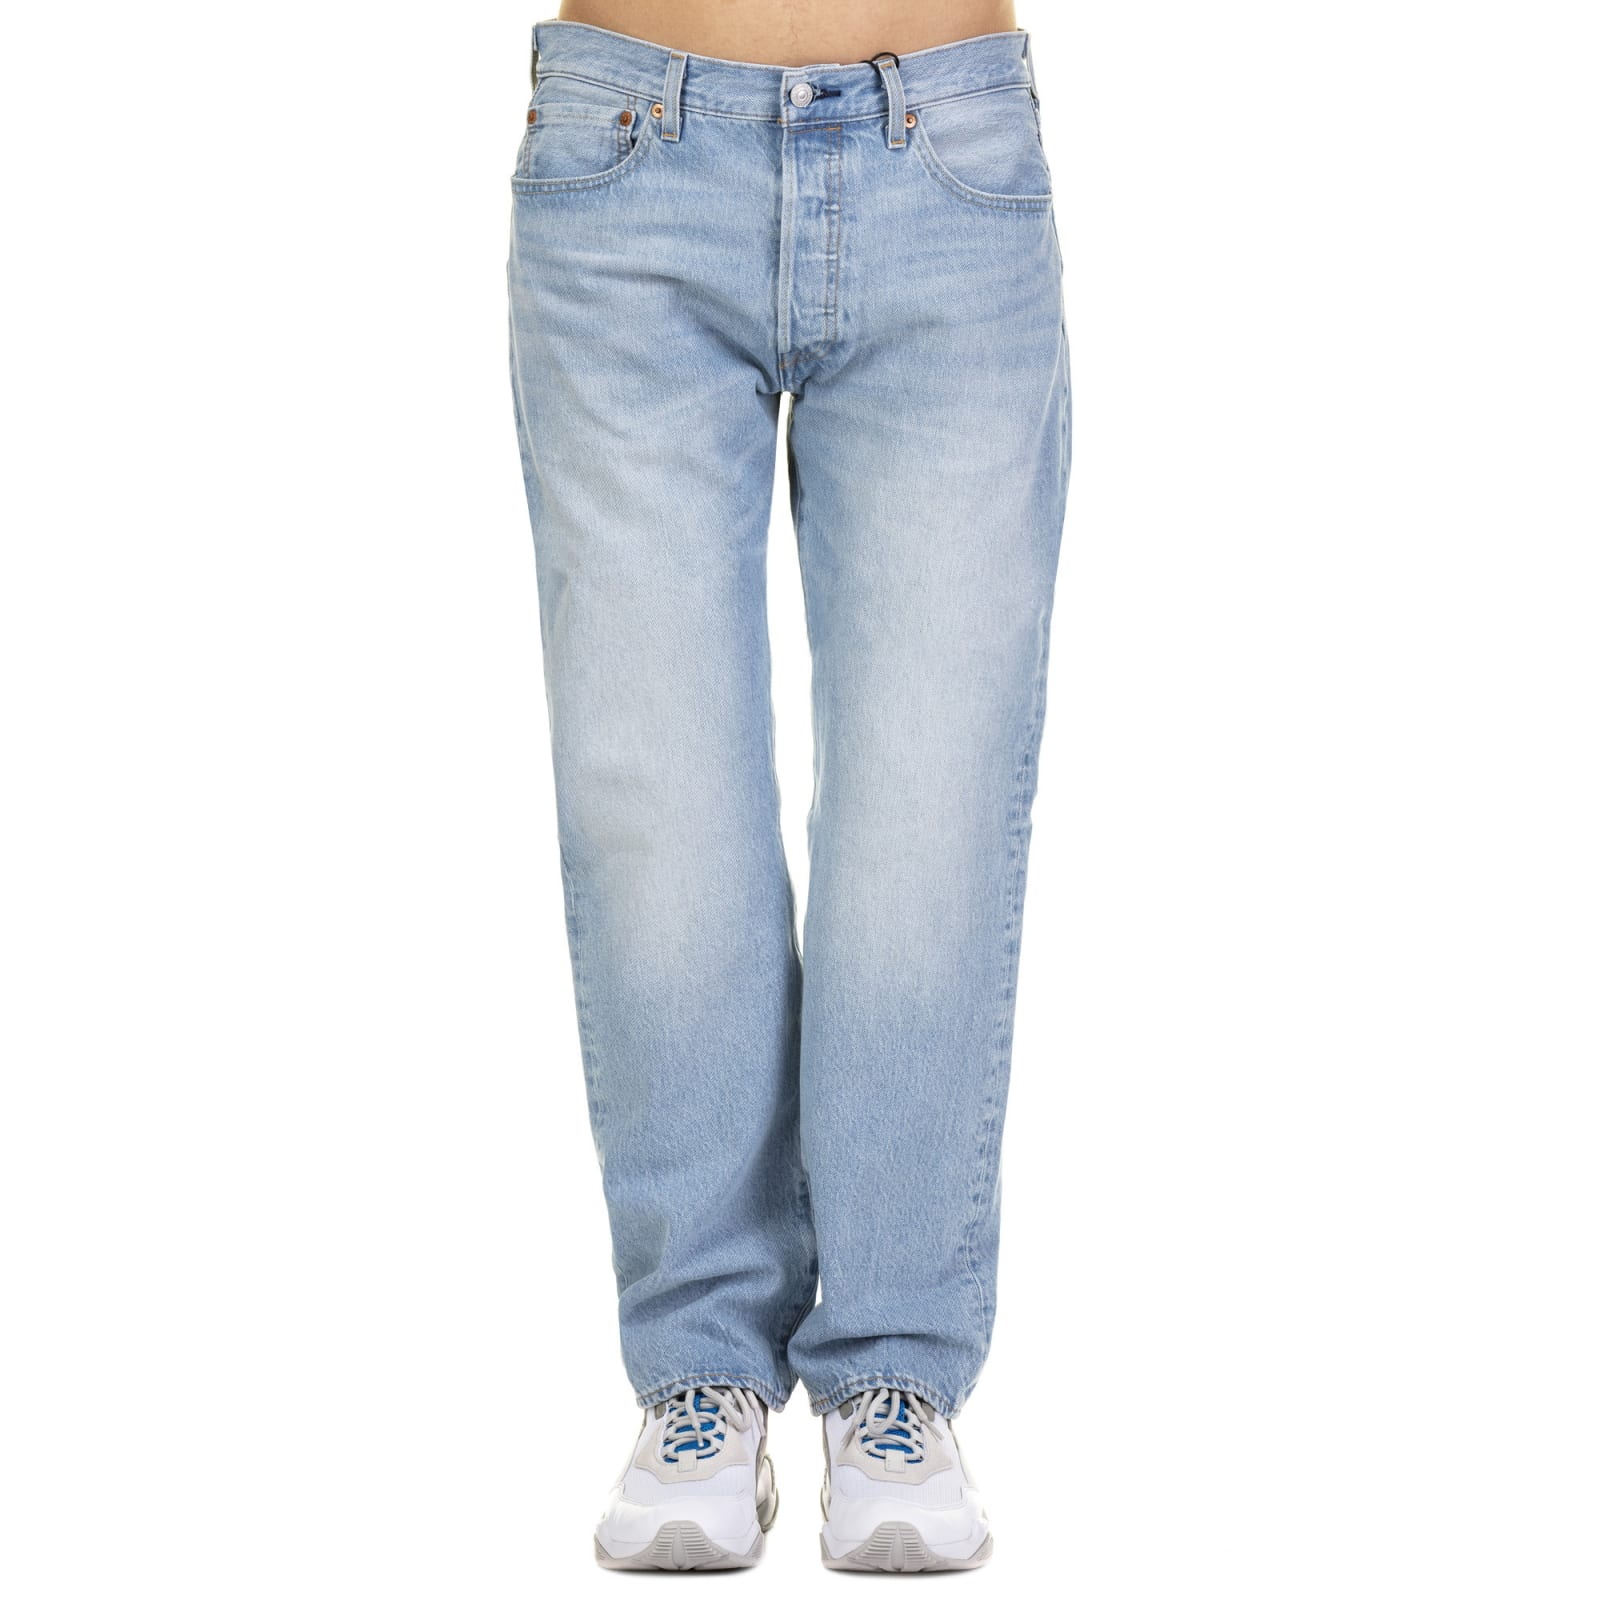 b180d51f6fbc6 Levis 501 Jeans